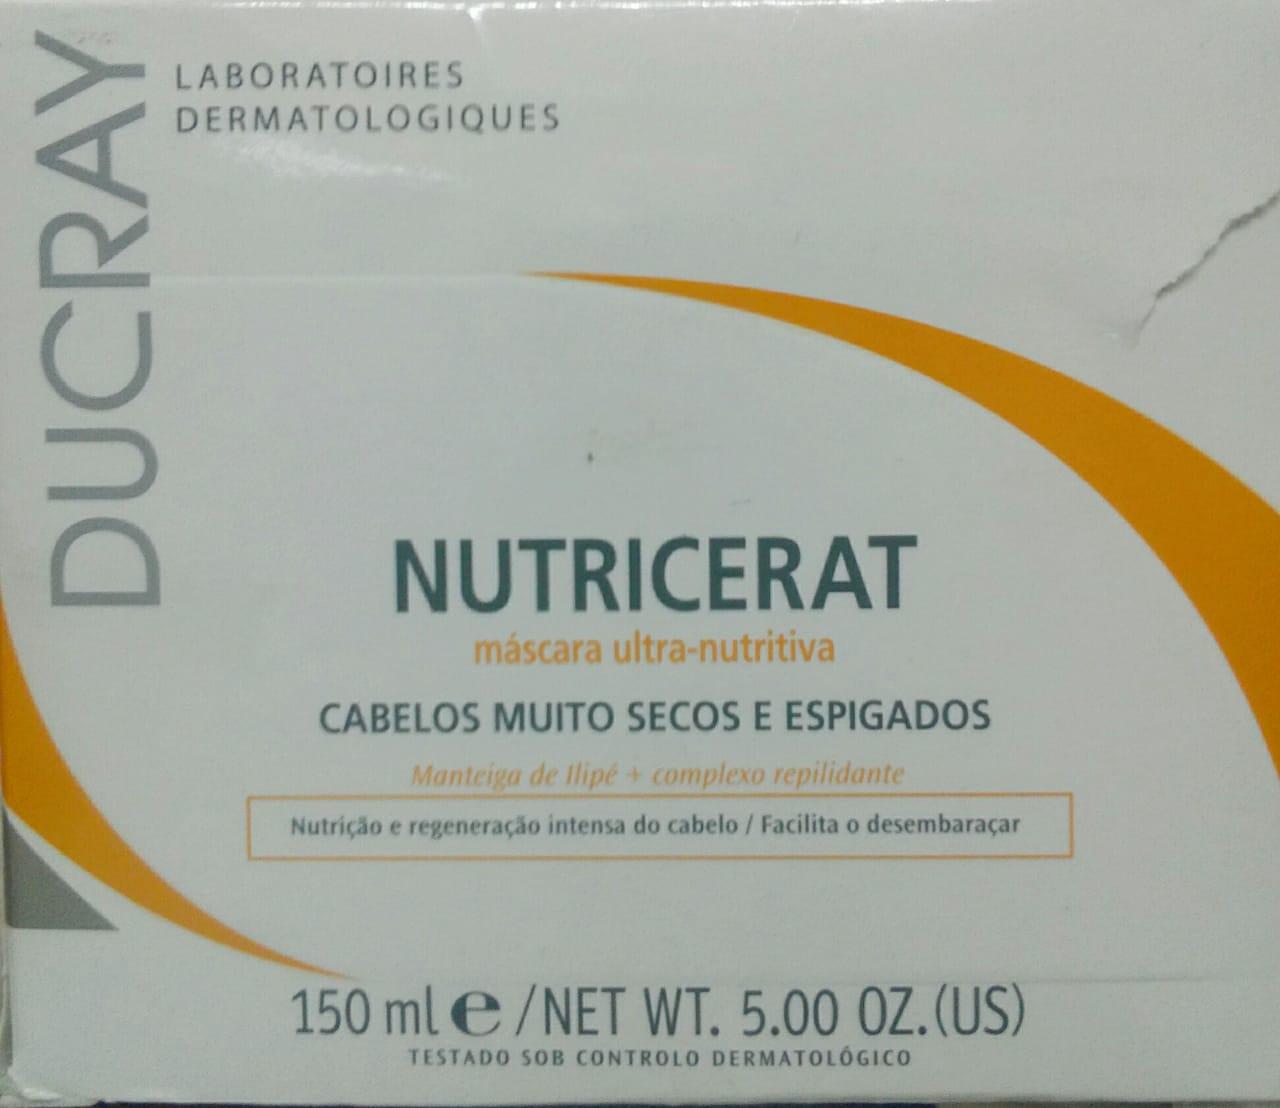 NUTRICERAT 150ml cabelos muito secos e e espigados